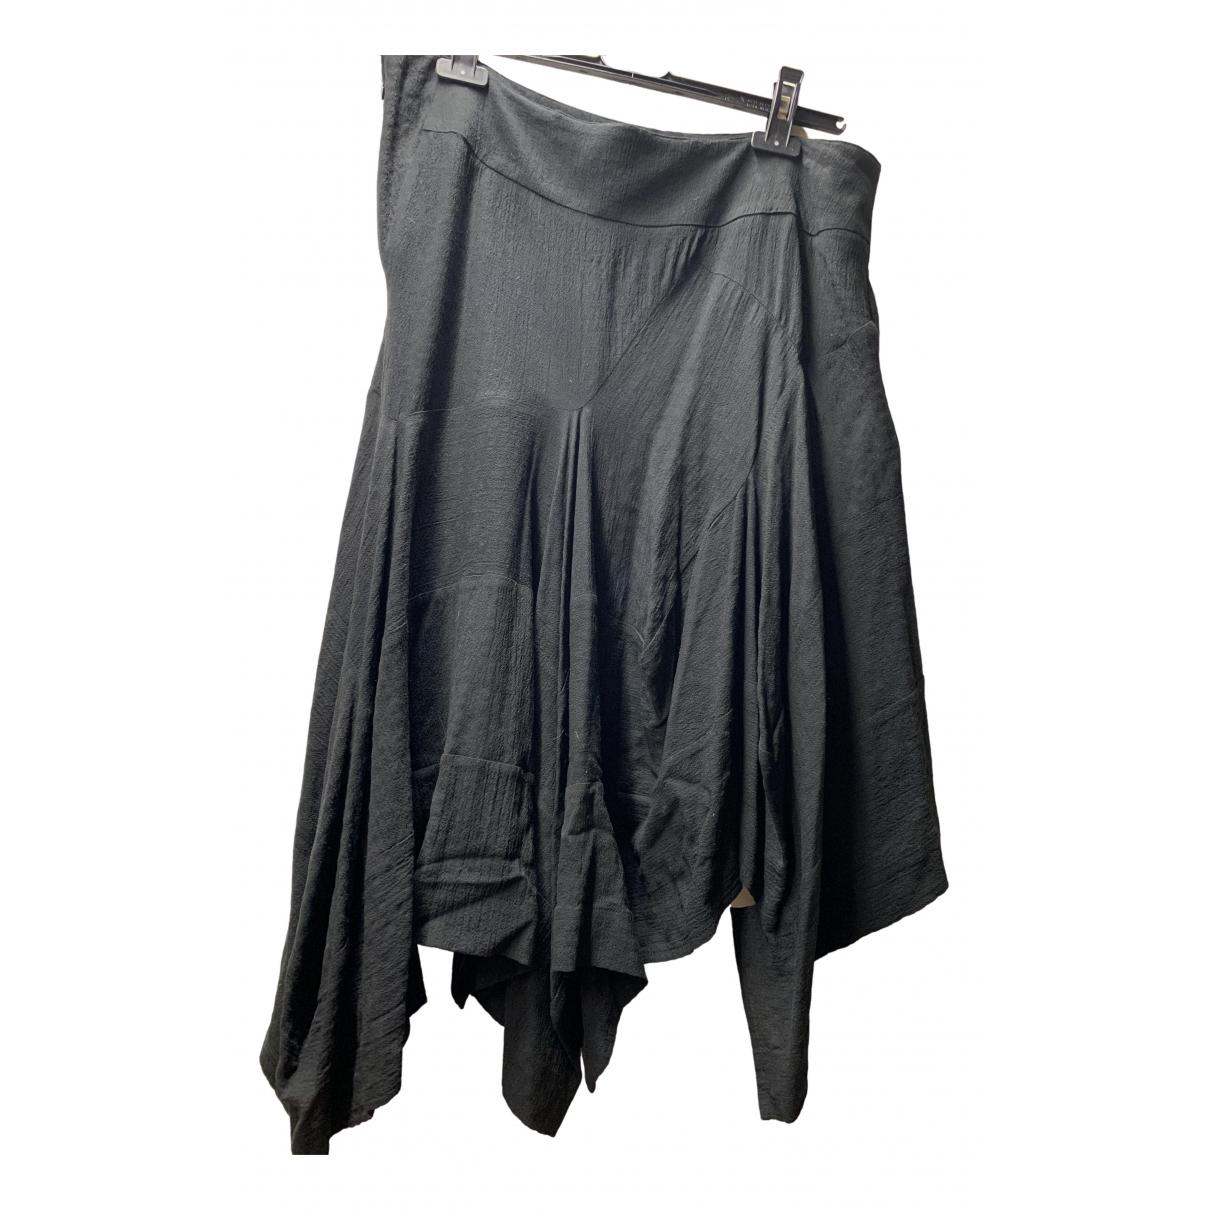 Bernhard Willhelm - Jupe   pour femme en laine - noir